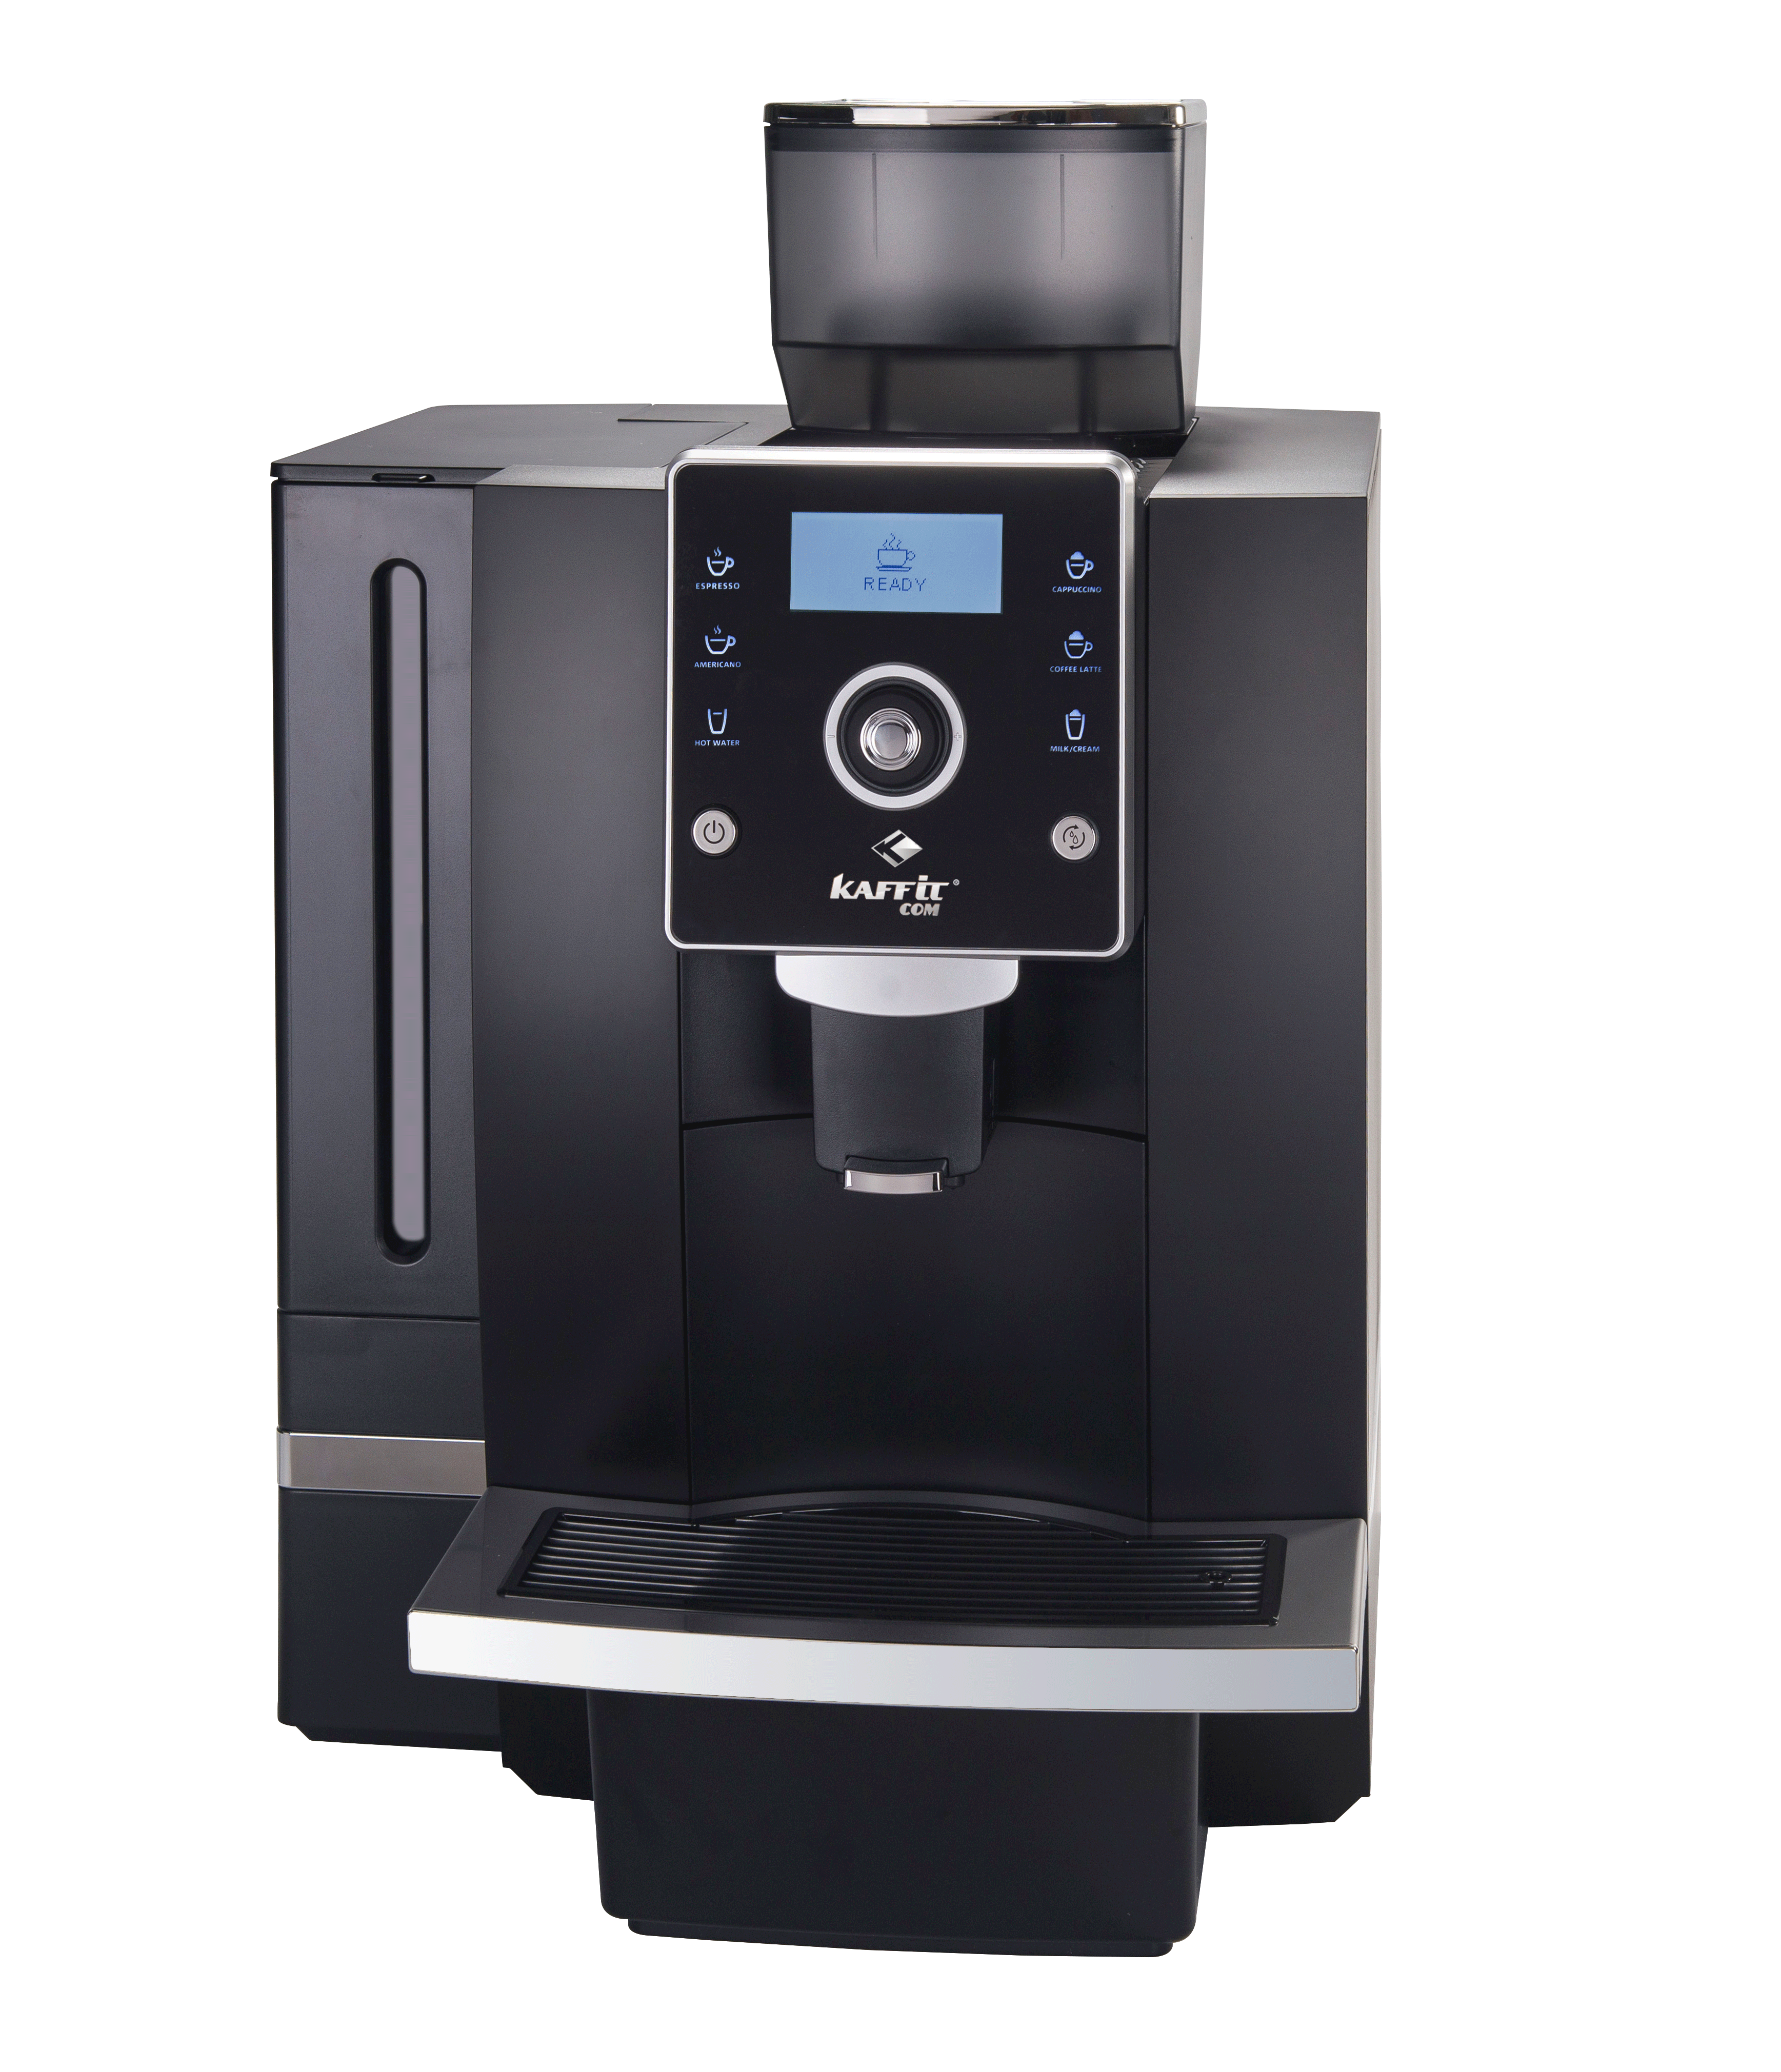 Тест кофемашины kaffit.com nizza